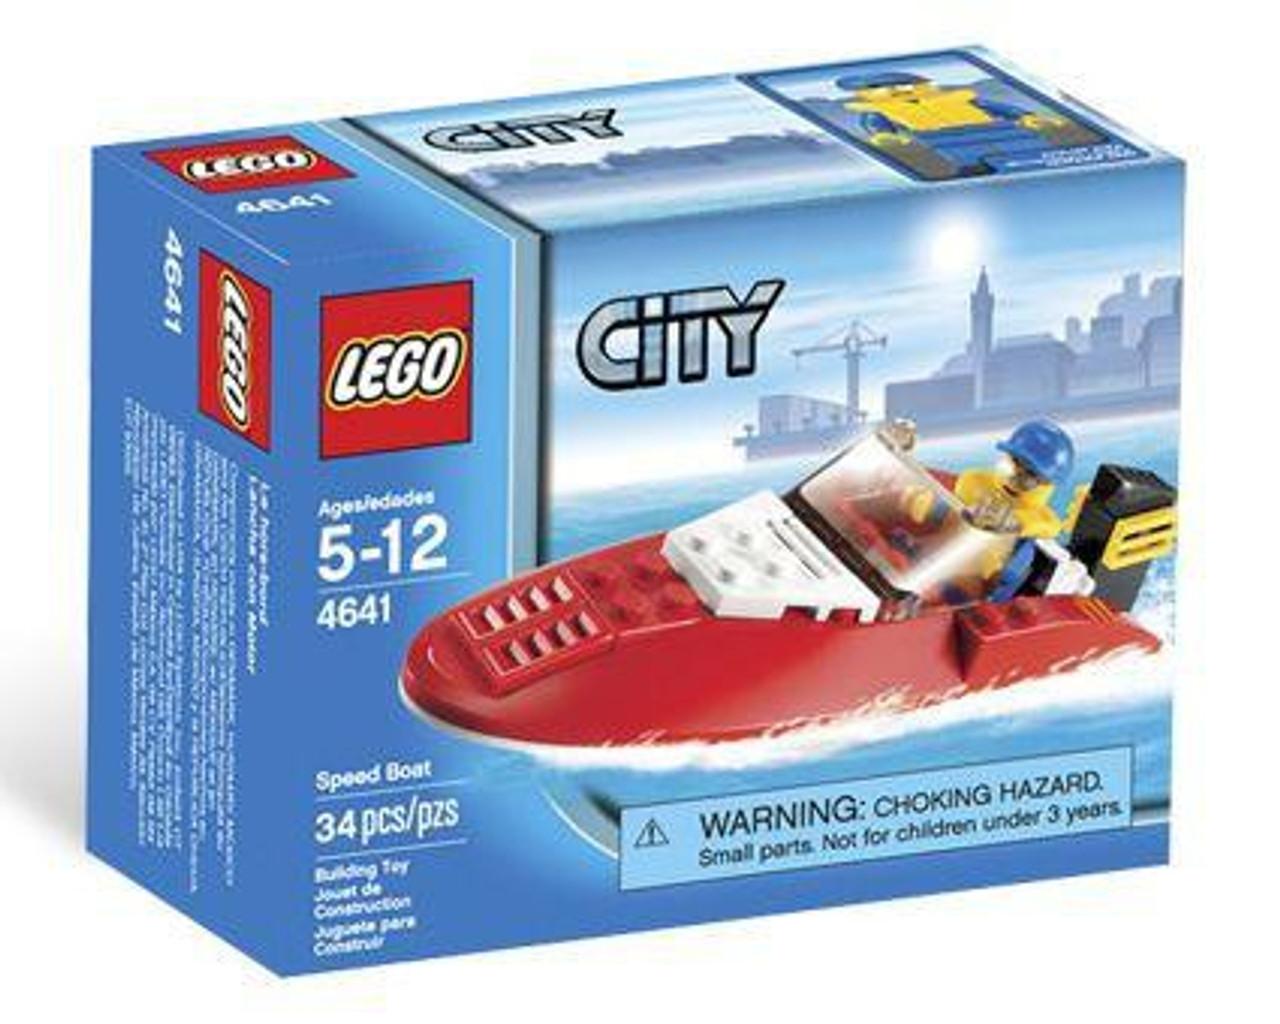 LEGO City Speed Boat Set #4641